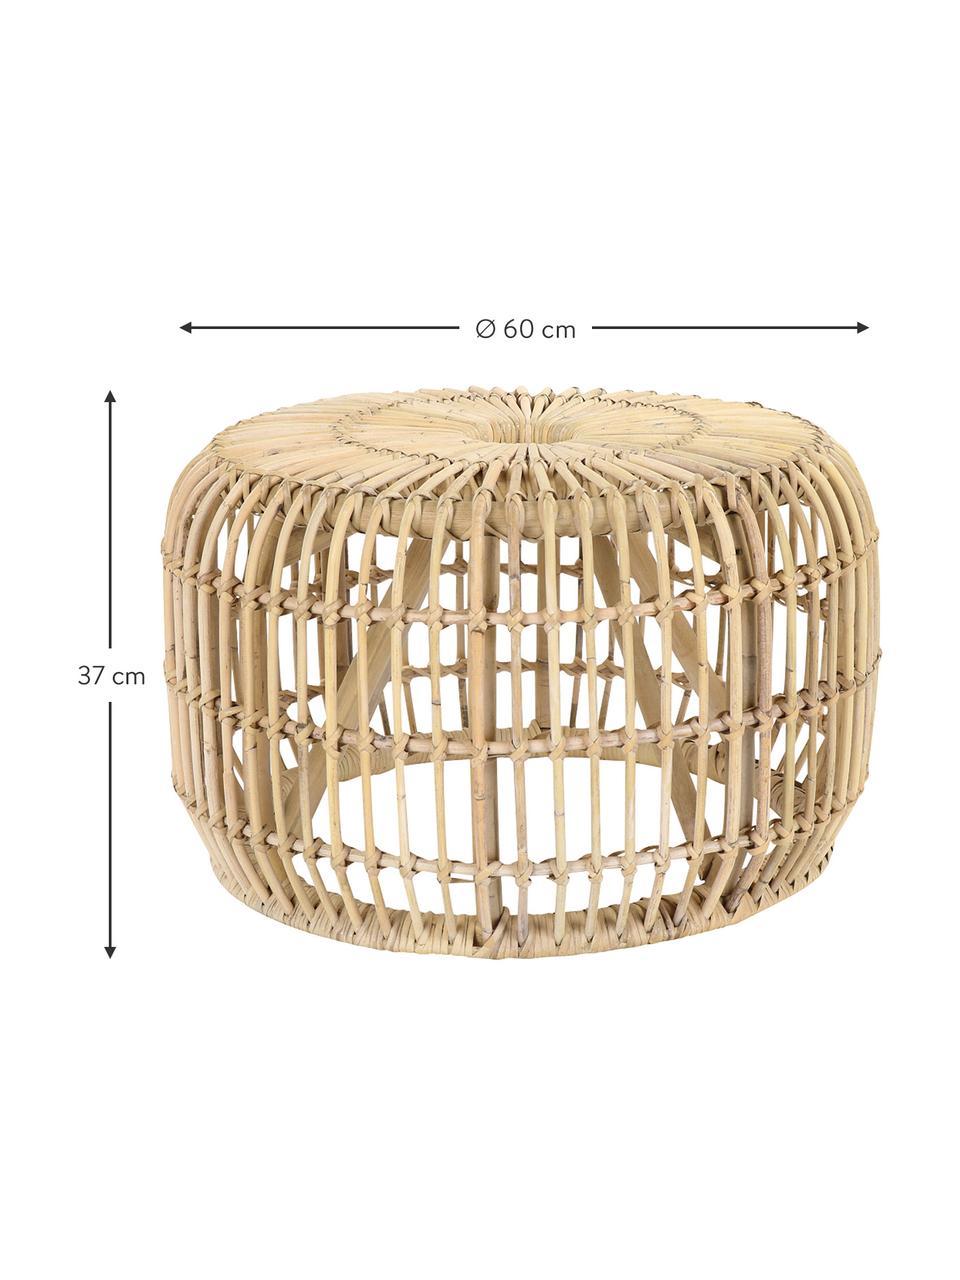 Runder Rattan-Beistelltisch Kim, Rattan, naturbelassen, Rattan, Ø 60 x H 37 cm